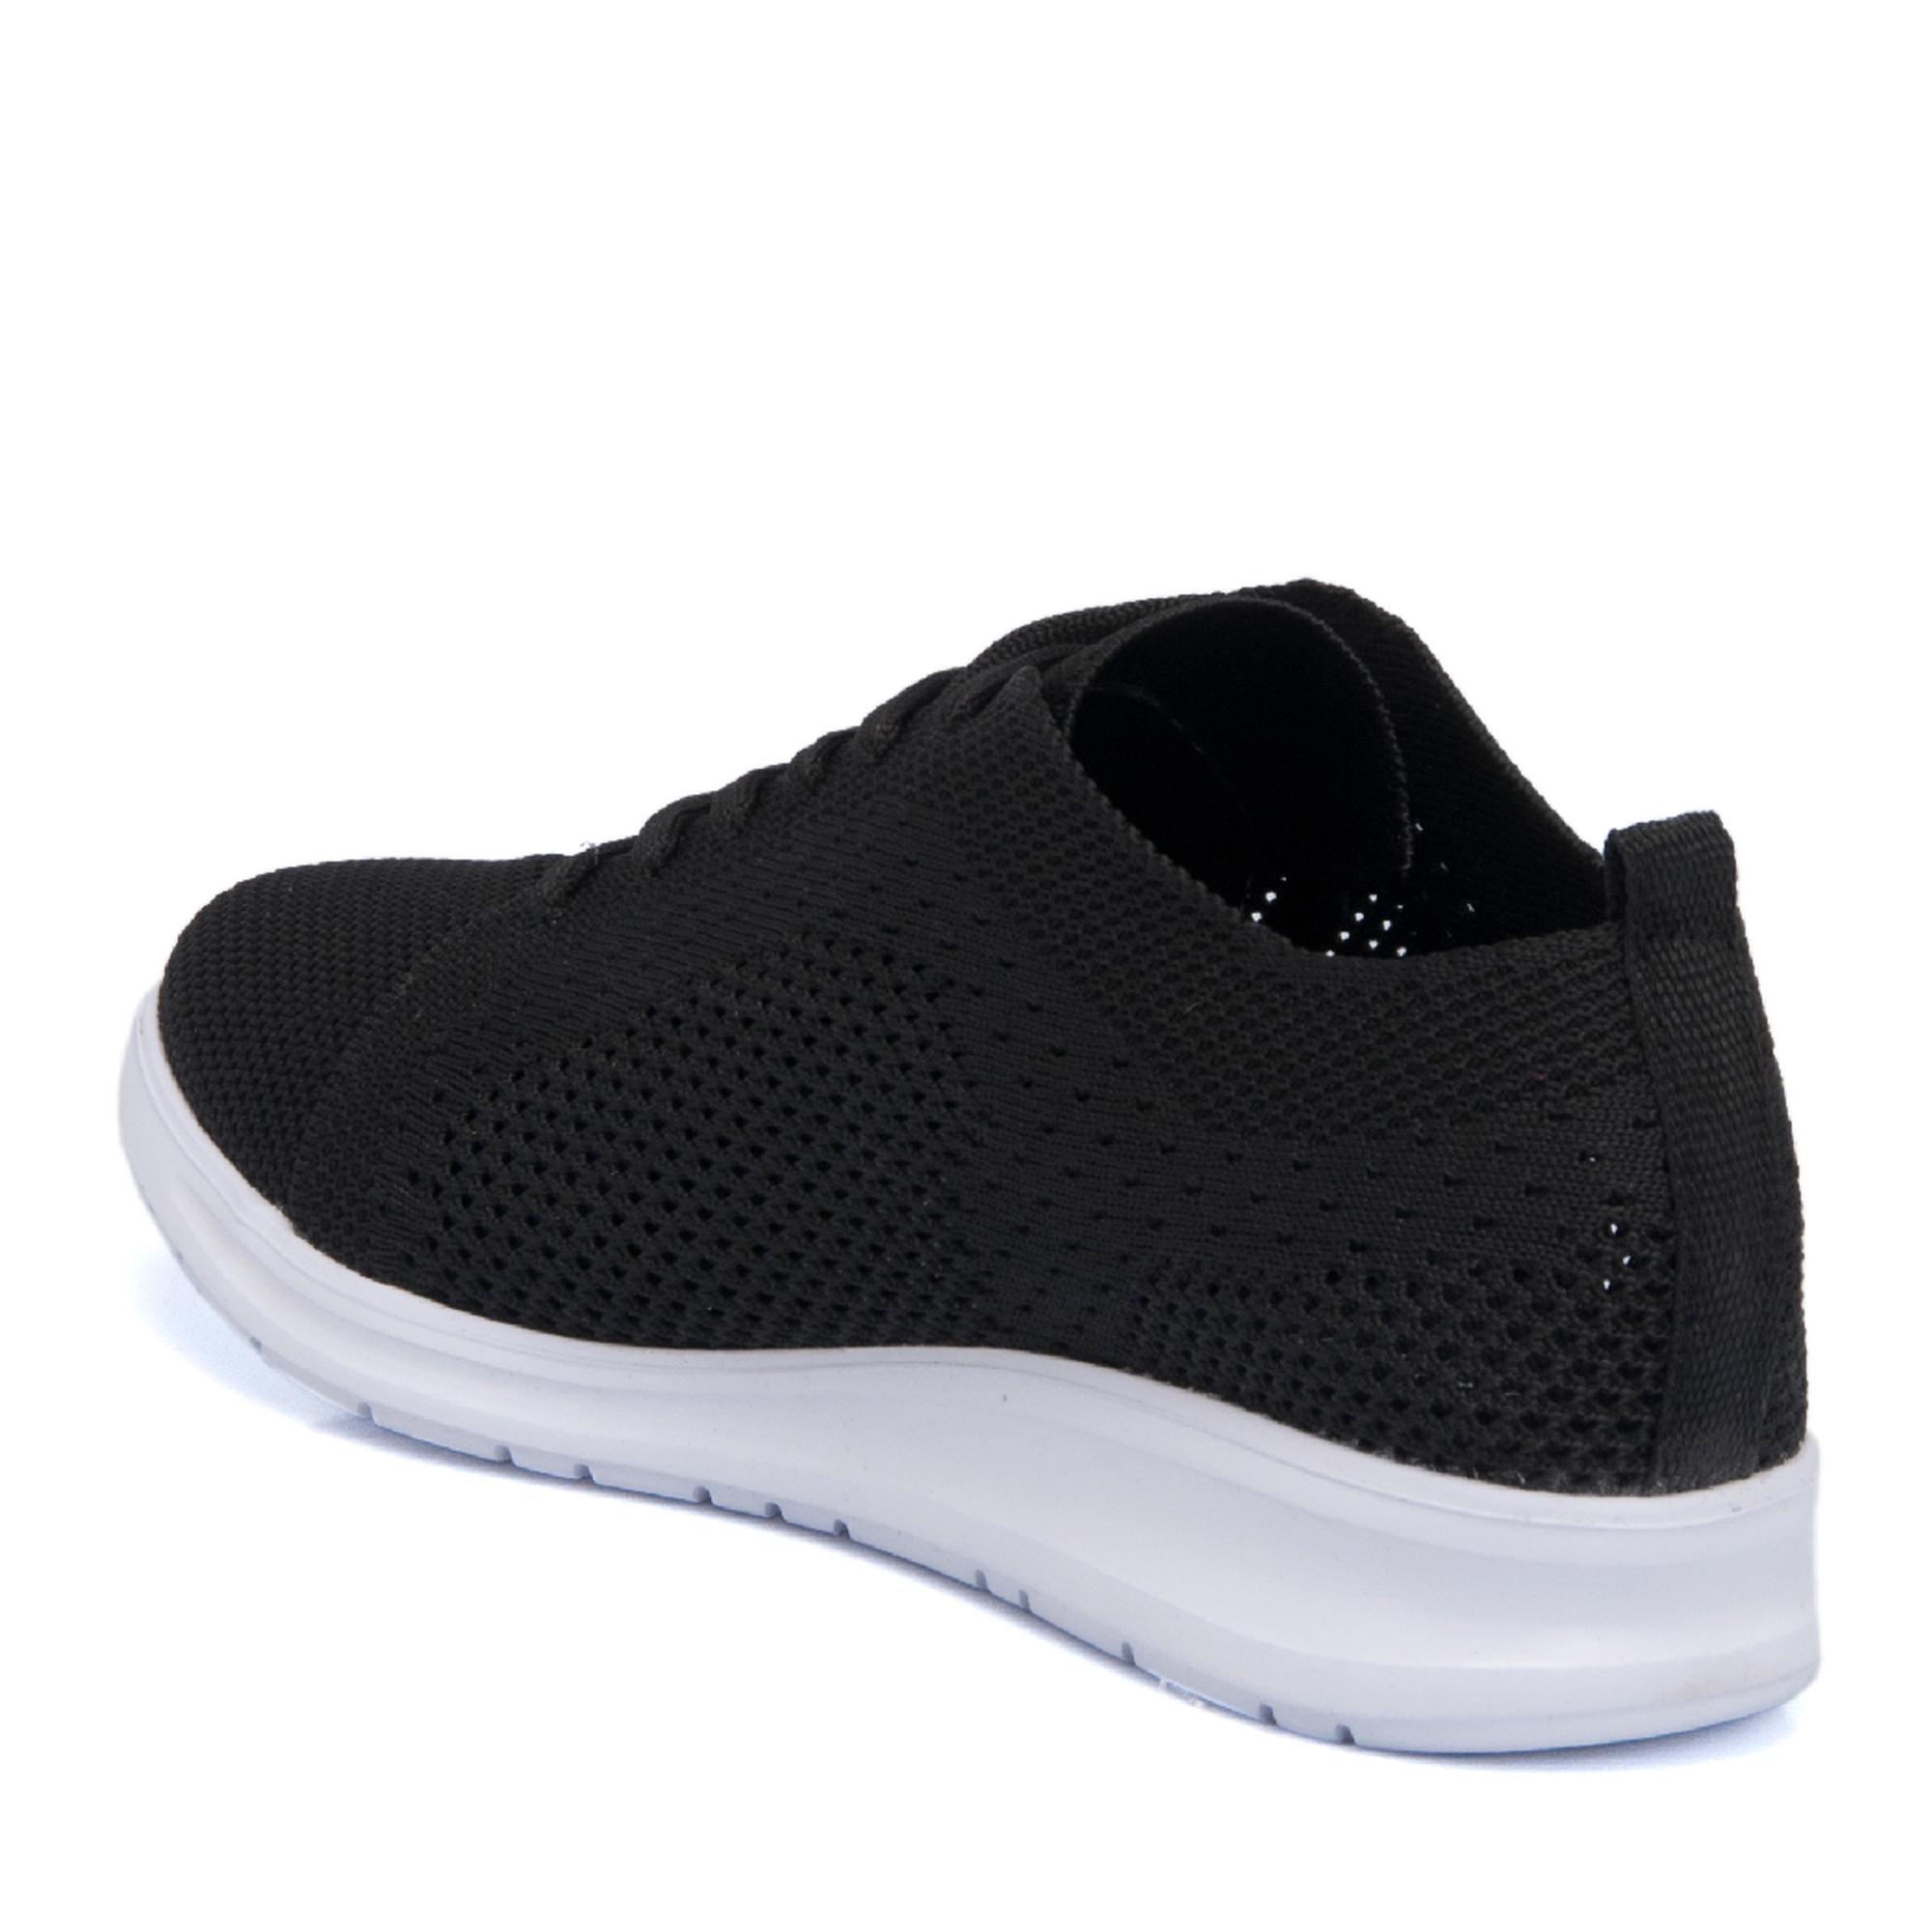 Siyah Tekstil Kadın Ayakkabı 64522I46